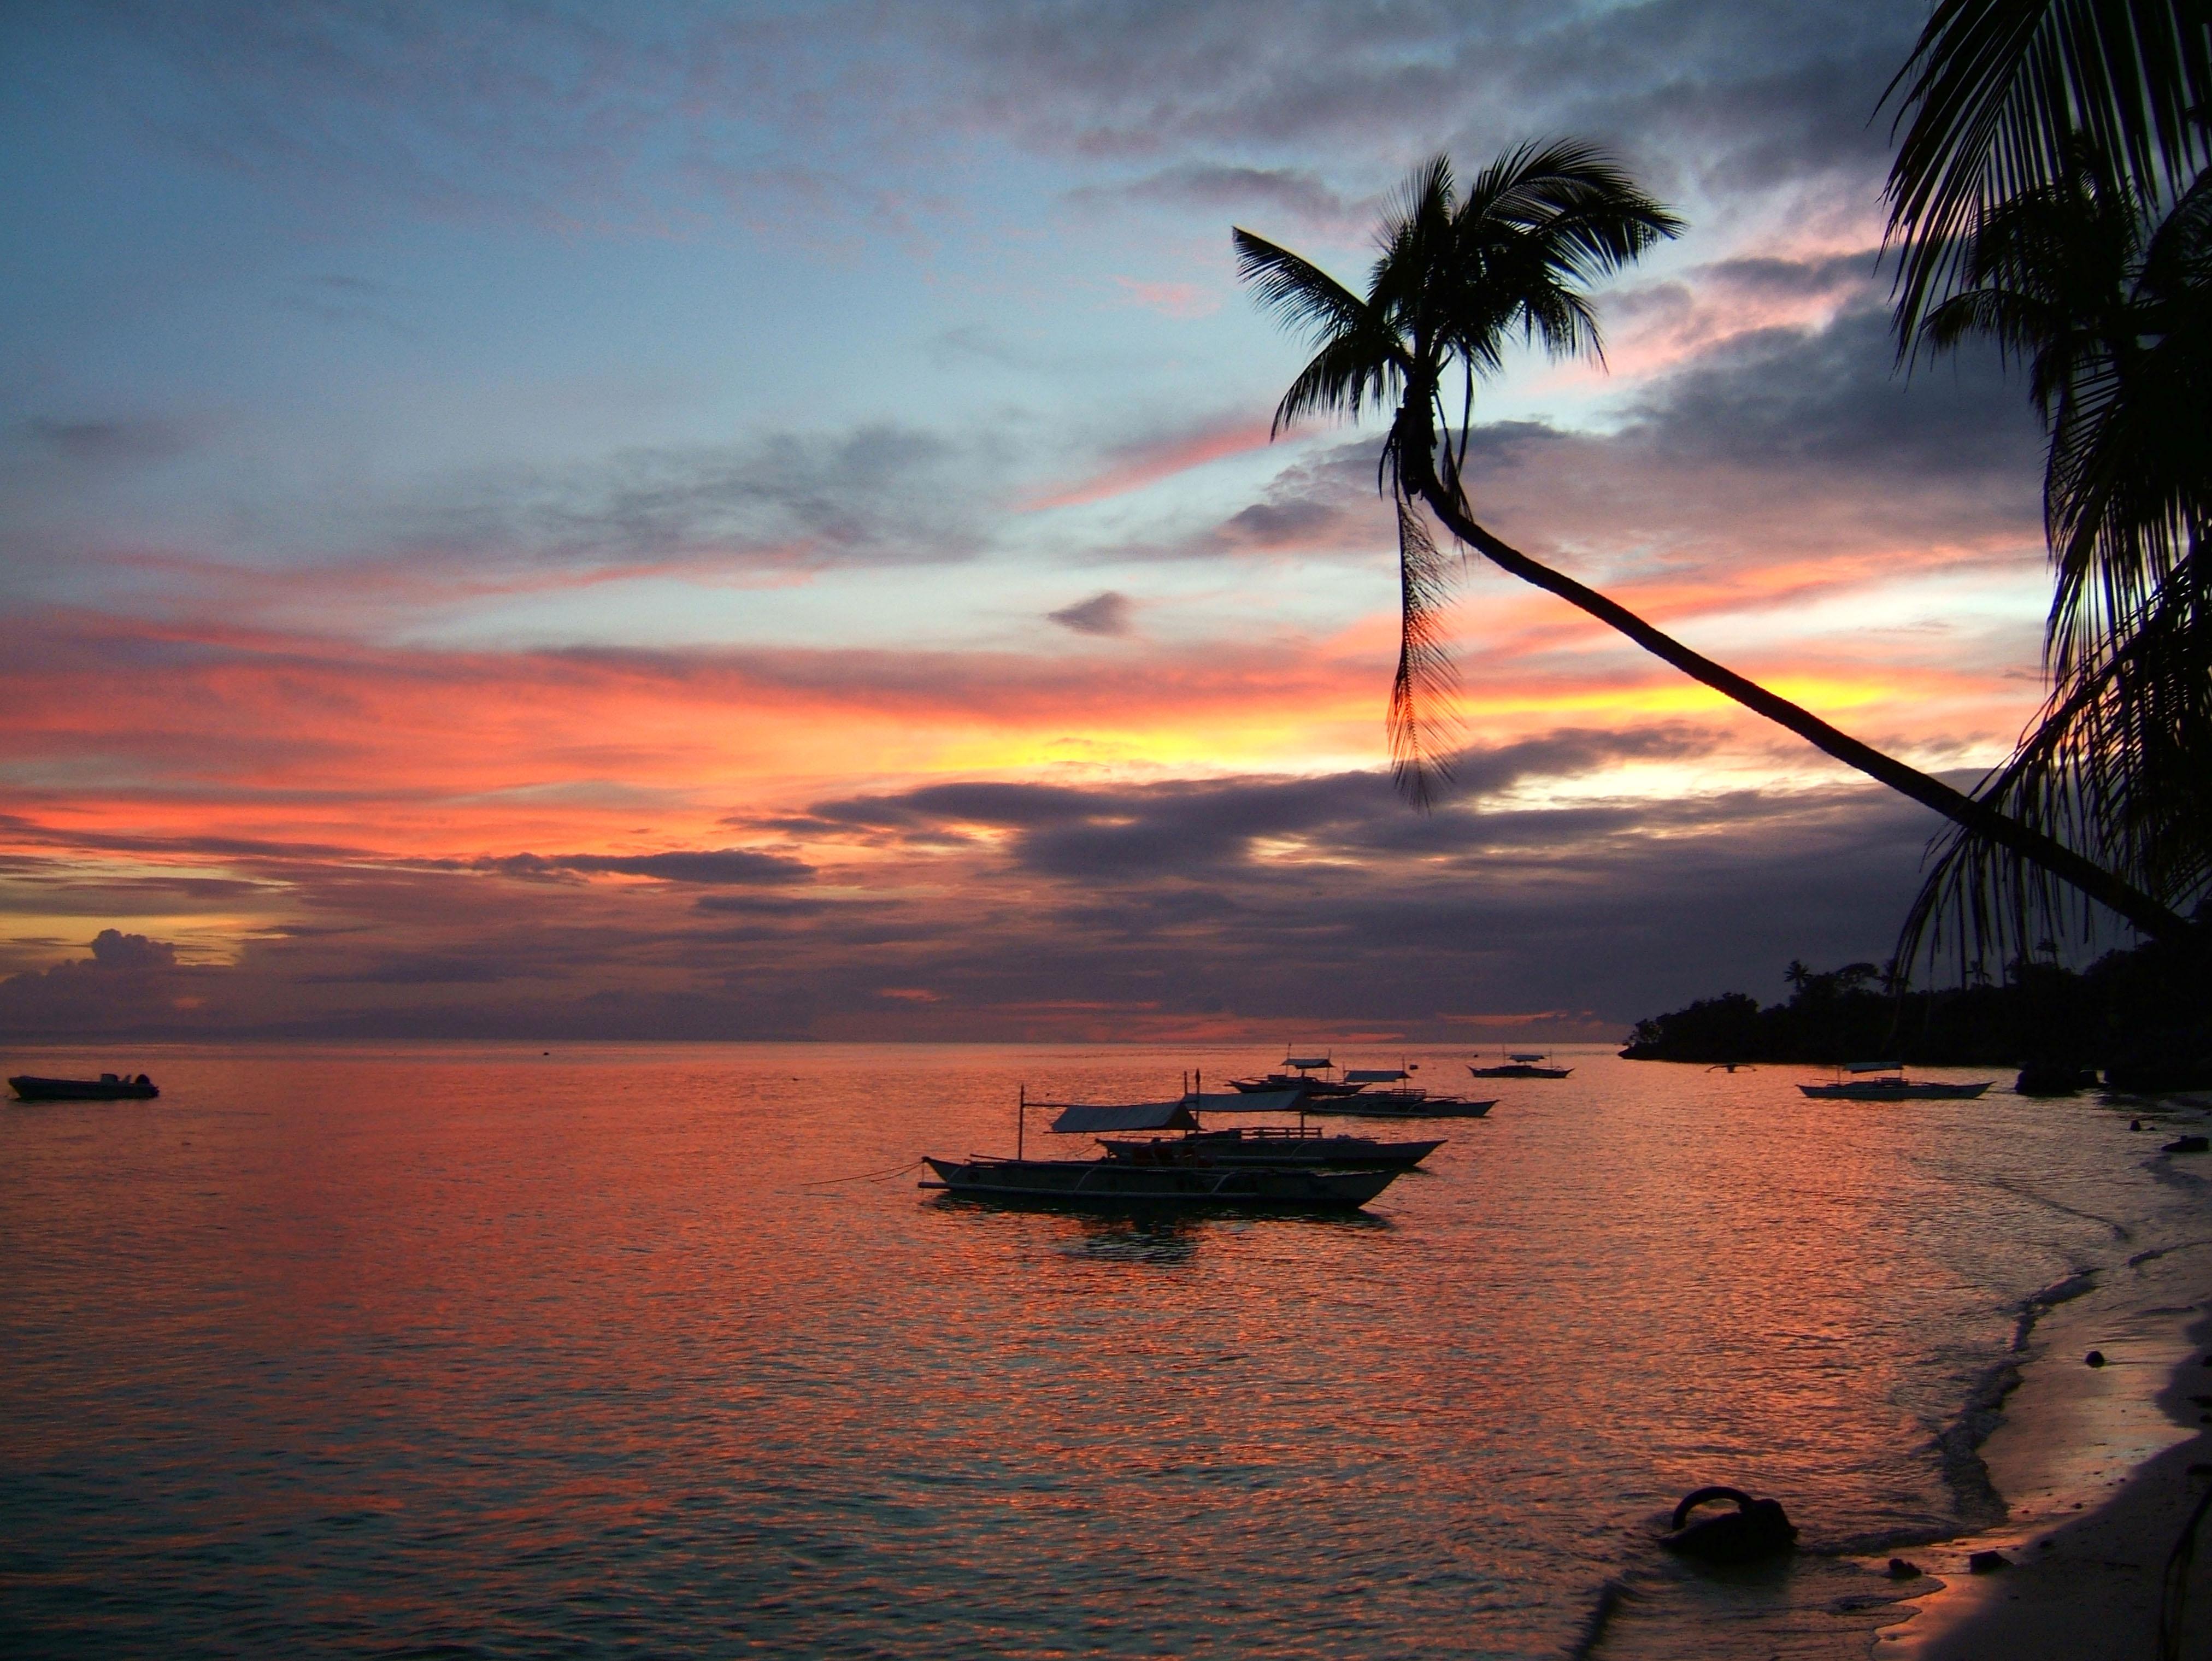 Sunset Philippines Cebu Bahoal 11